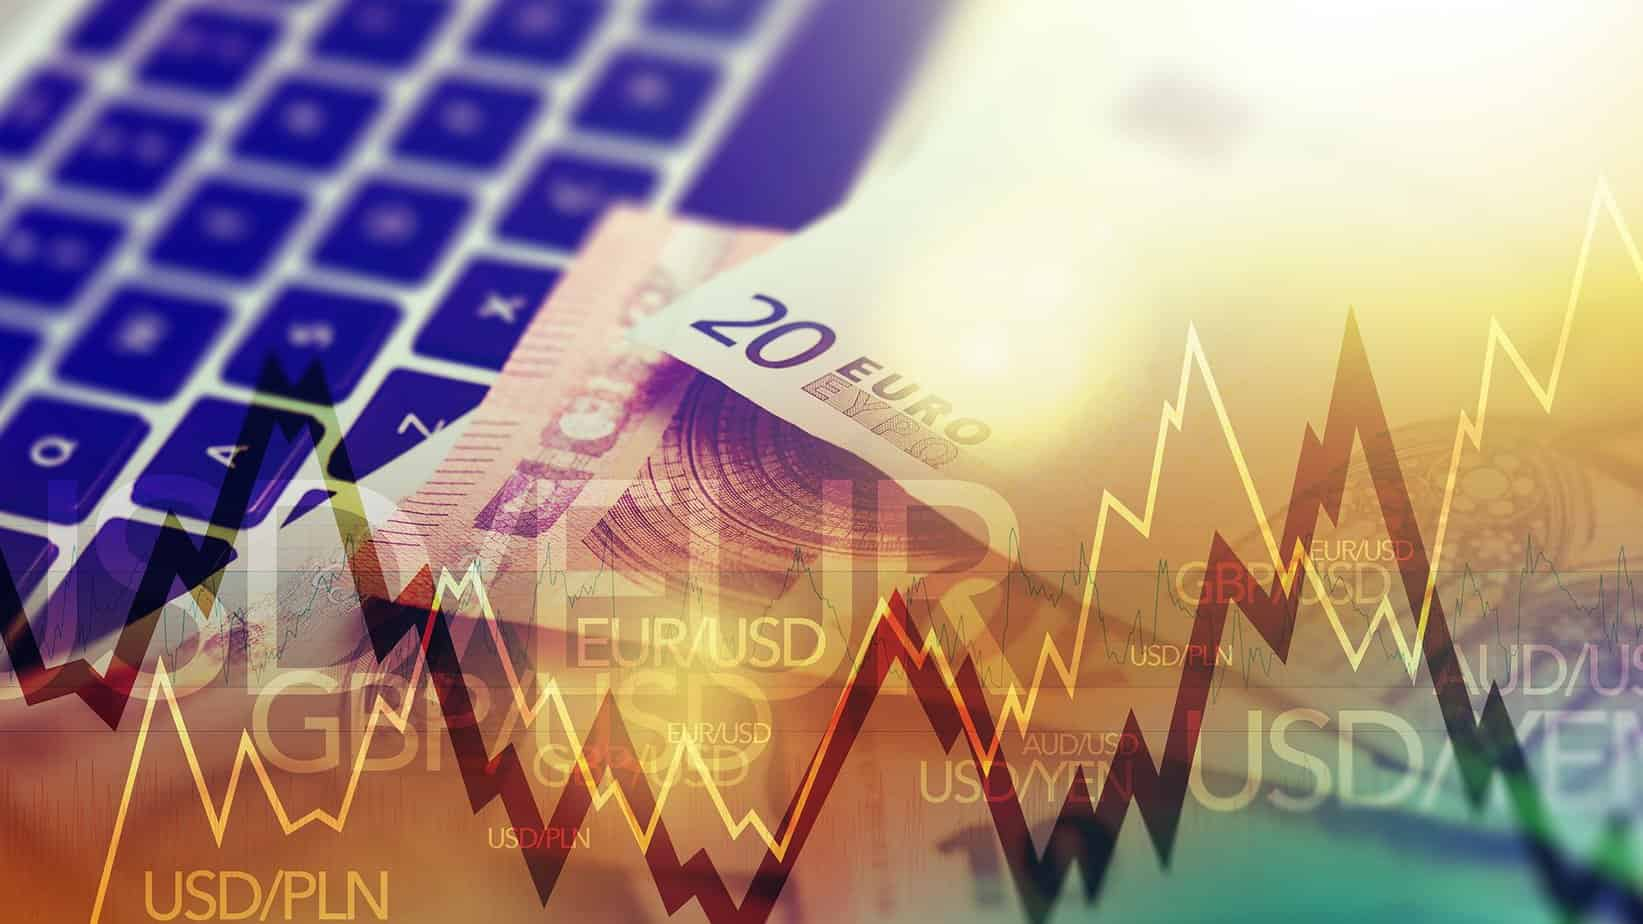 Chystá se EUR/USD na další velký pohyb? Podívejte na video, jak Euro budeme obchodovat.